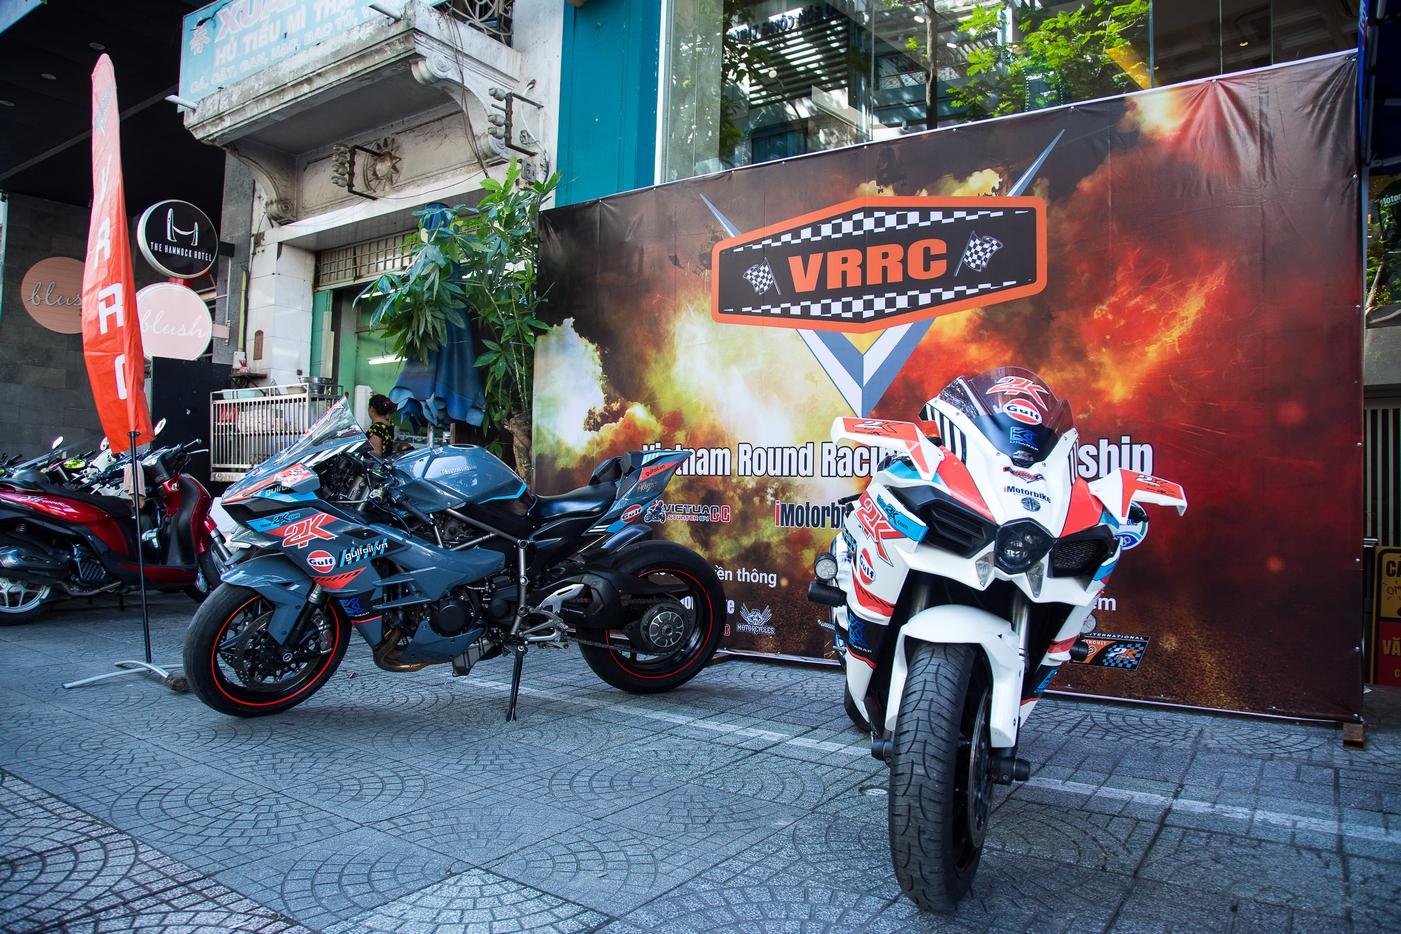 Khởi động Giải đua xe thể thao Việt Nam VRRC 2021 Vietnam Round Racing Championship 2021 (9).jpg